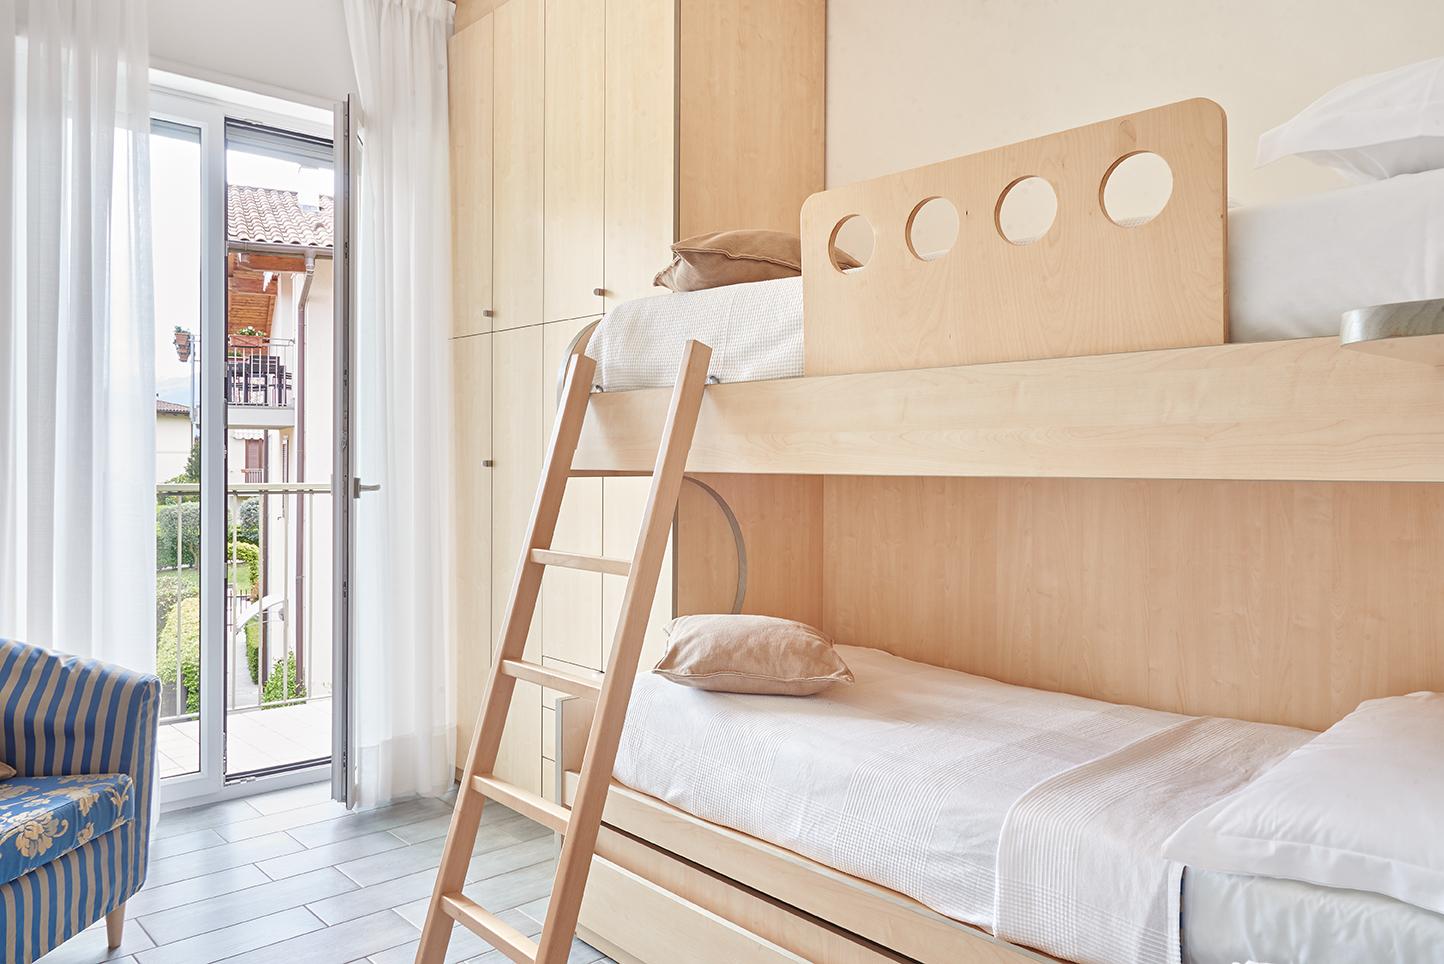 Trilocali residence domaso for Piani appartamento 1 camera da letto